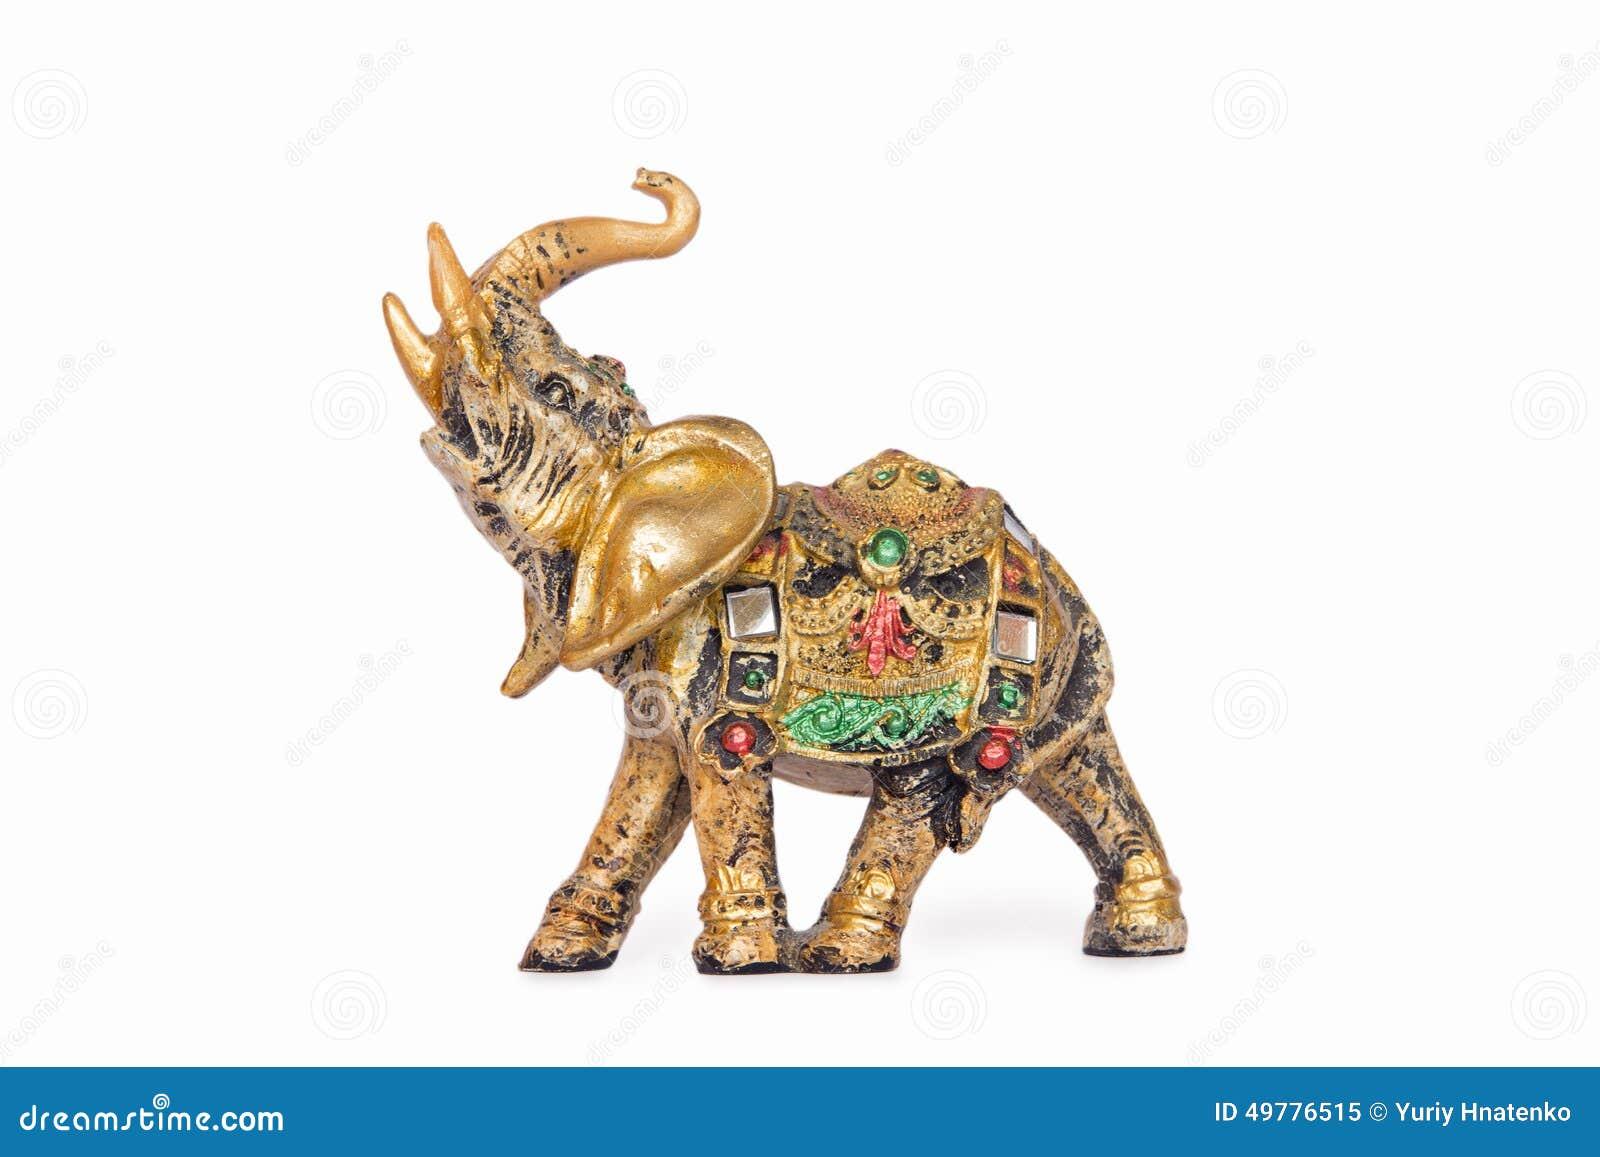 Figürchen eines Elefanten